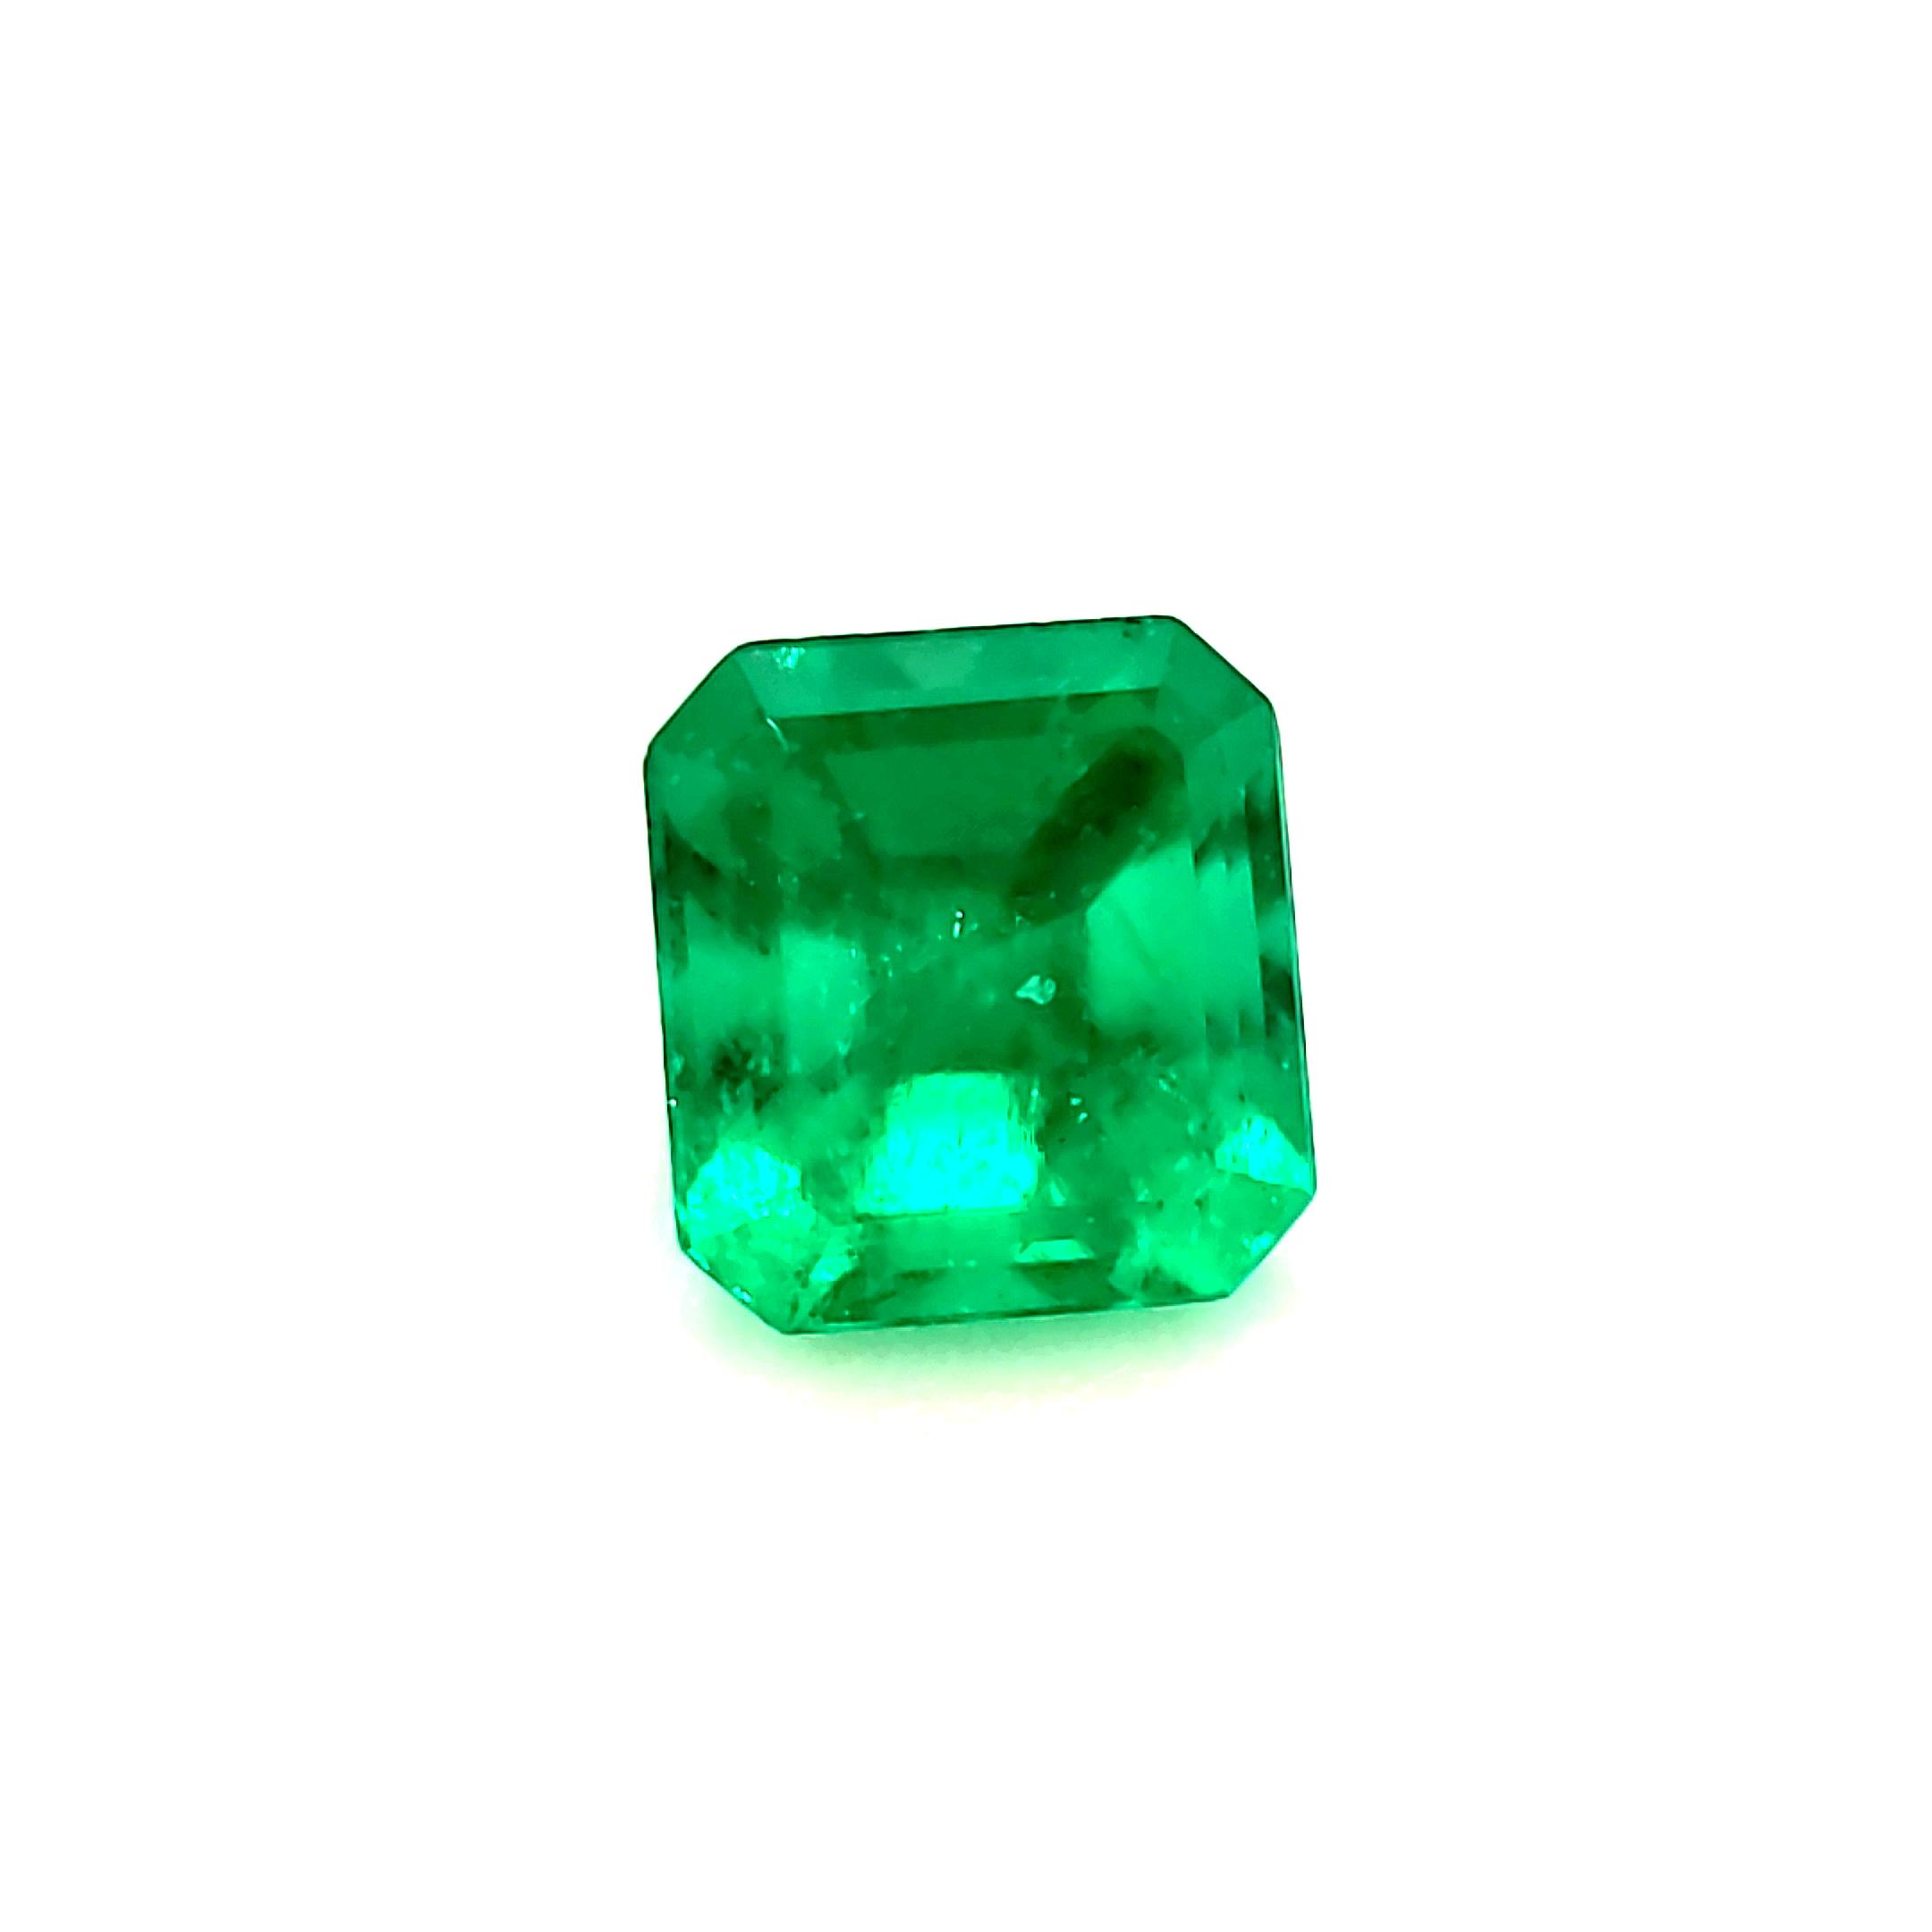 .33 carat Emerald